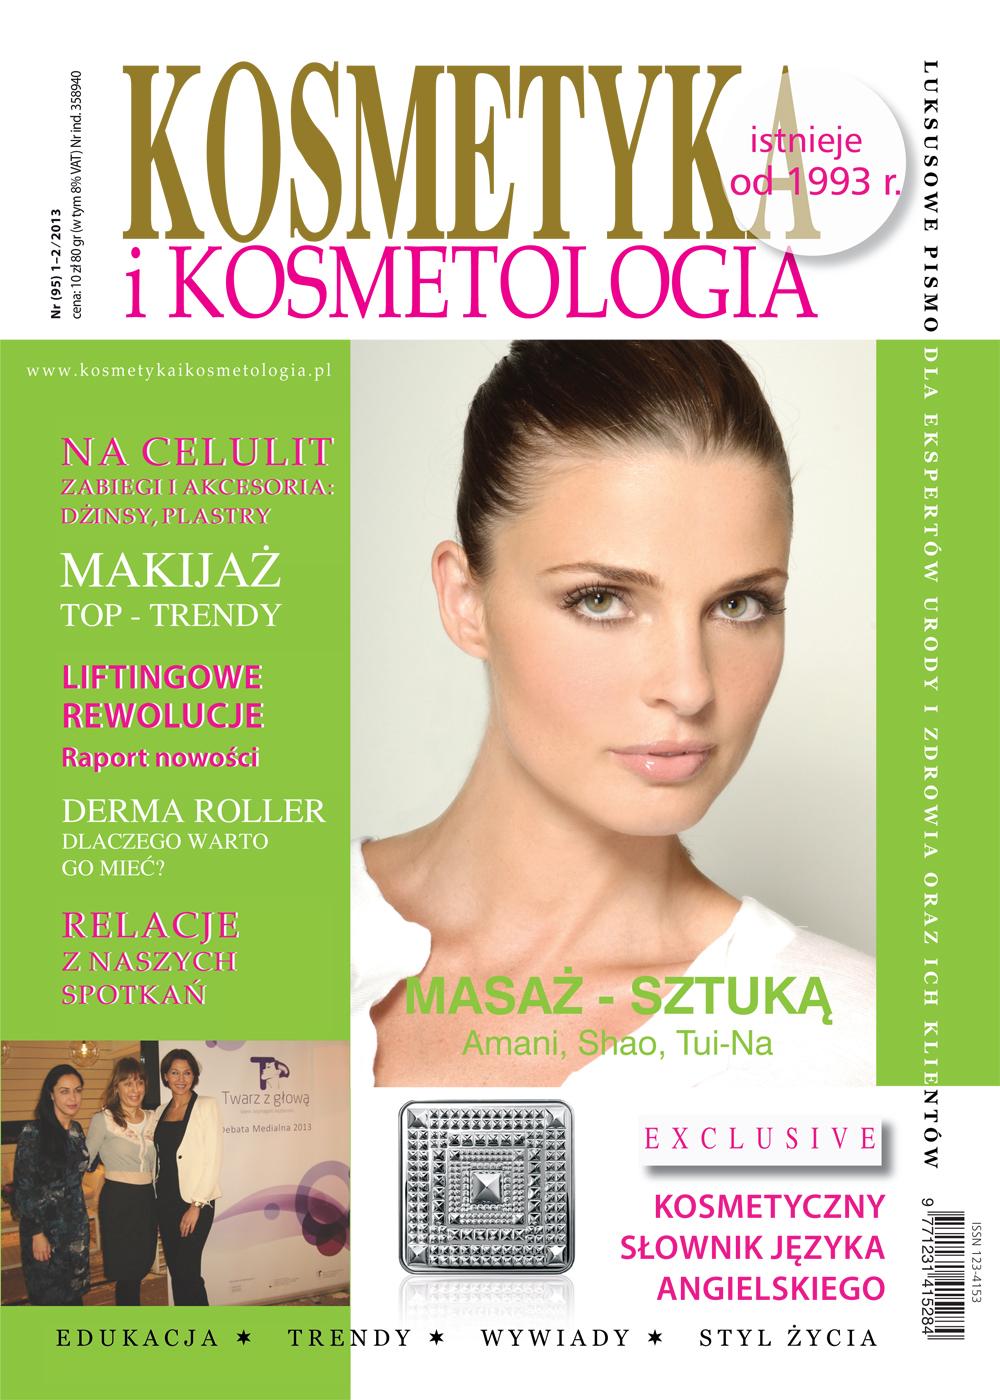 Okladka KIK 95_2.indd